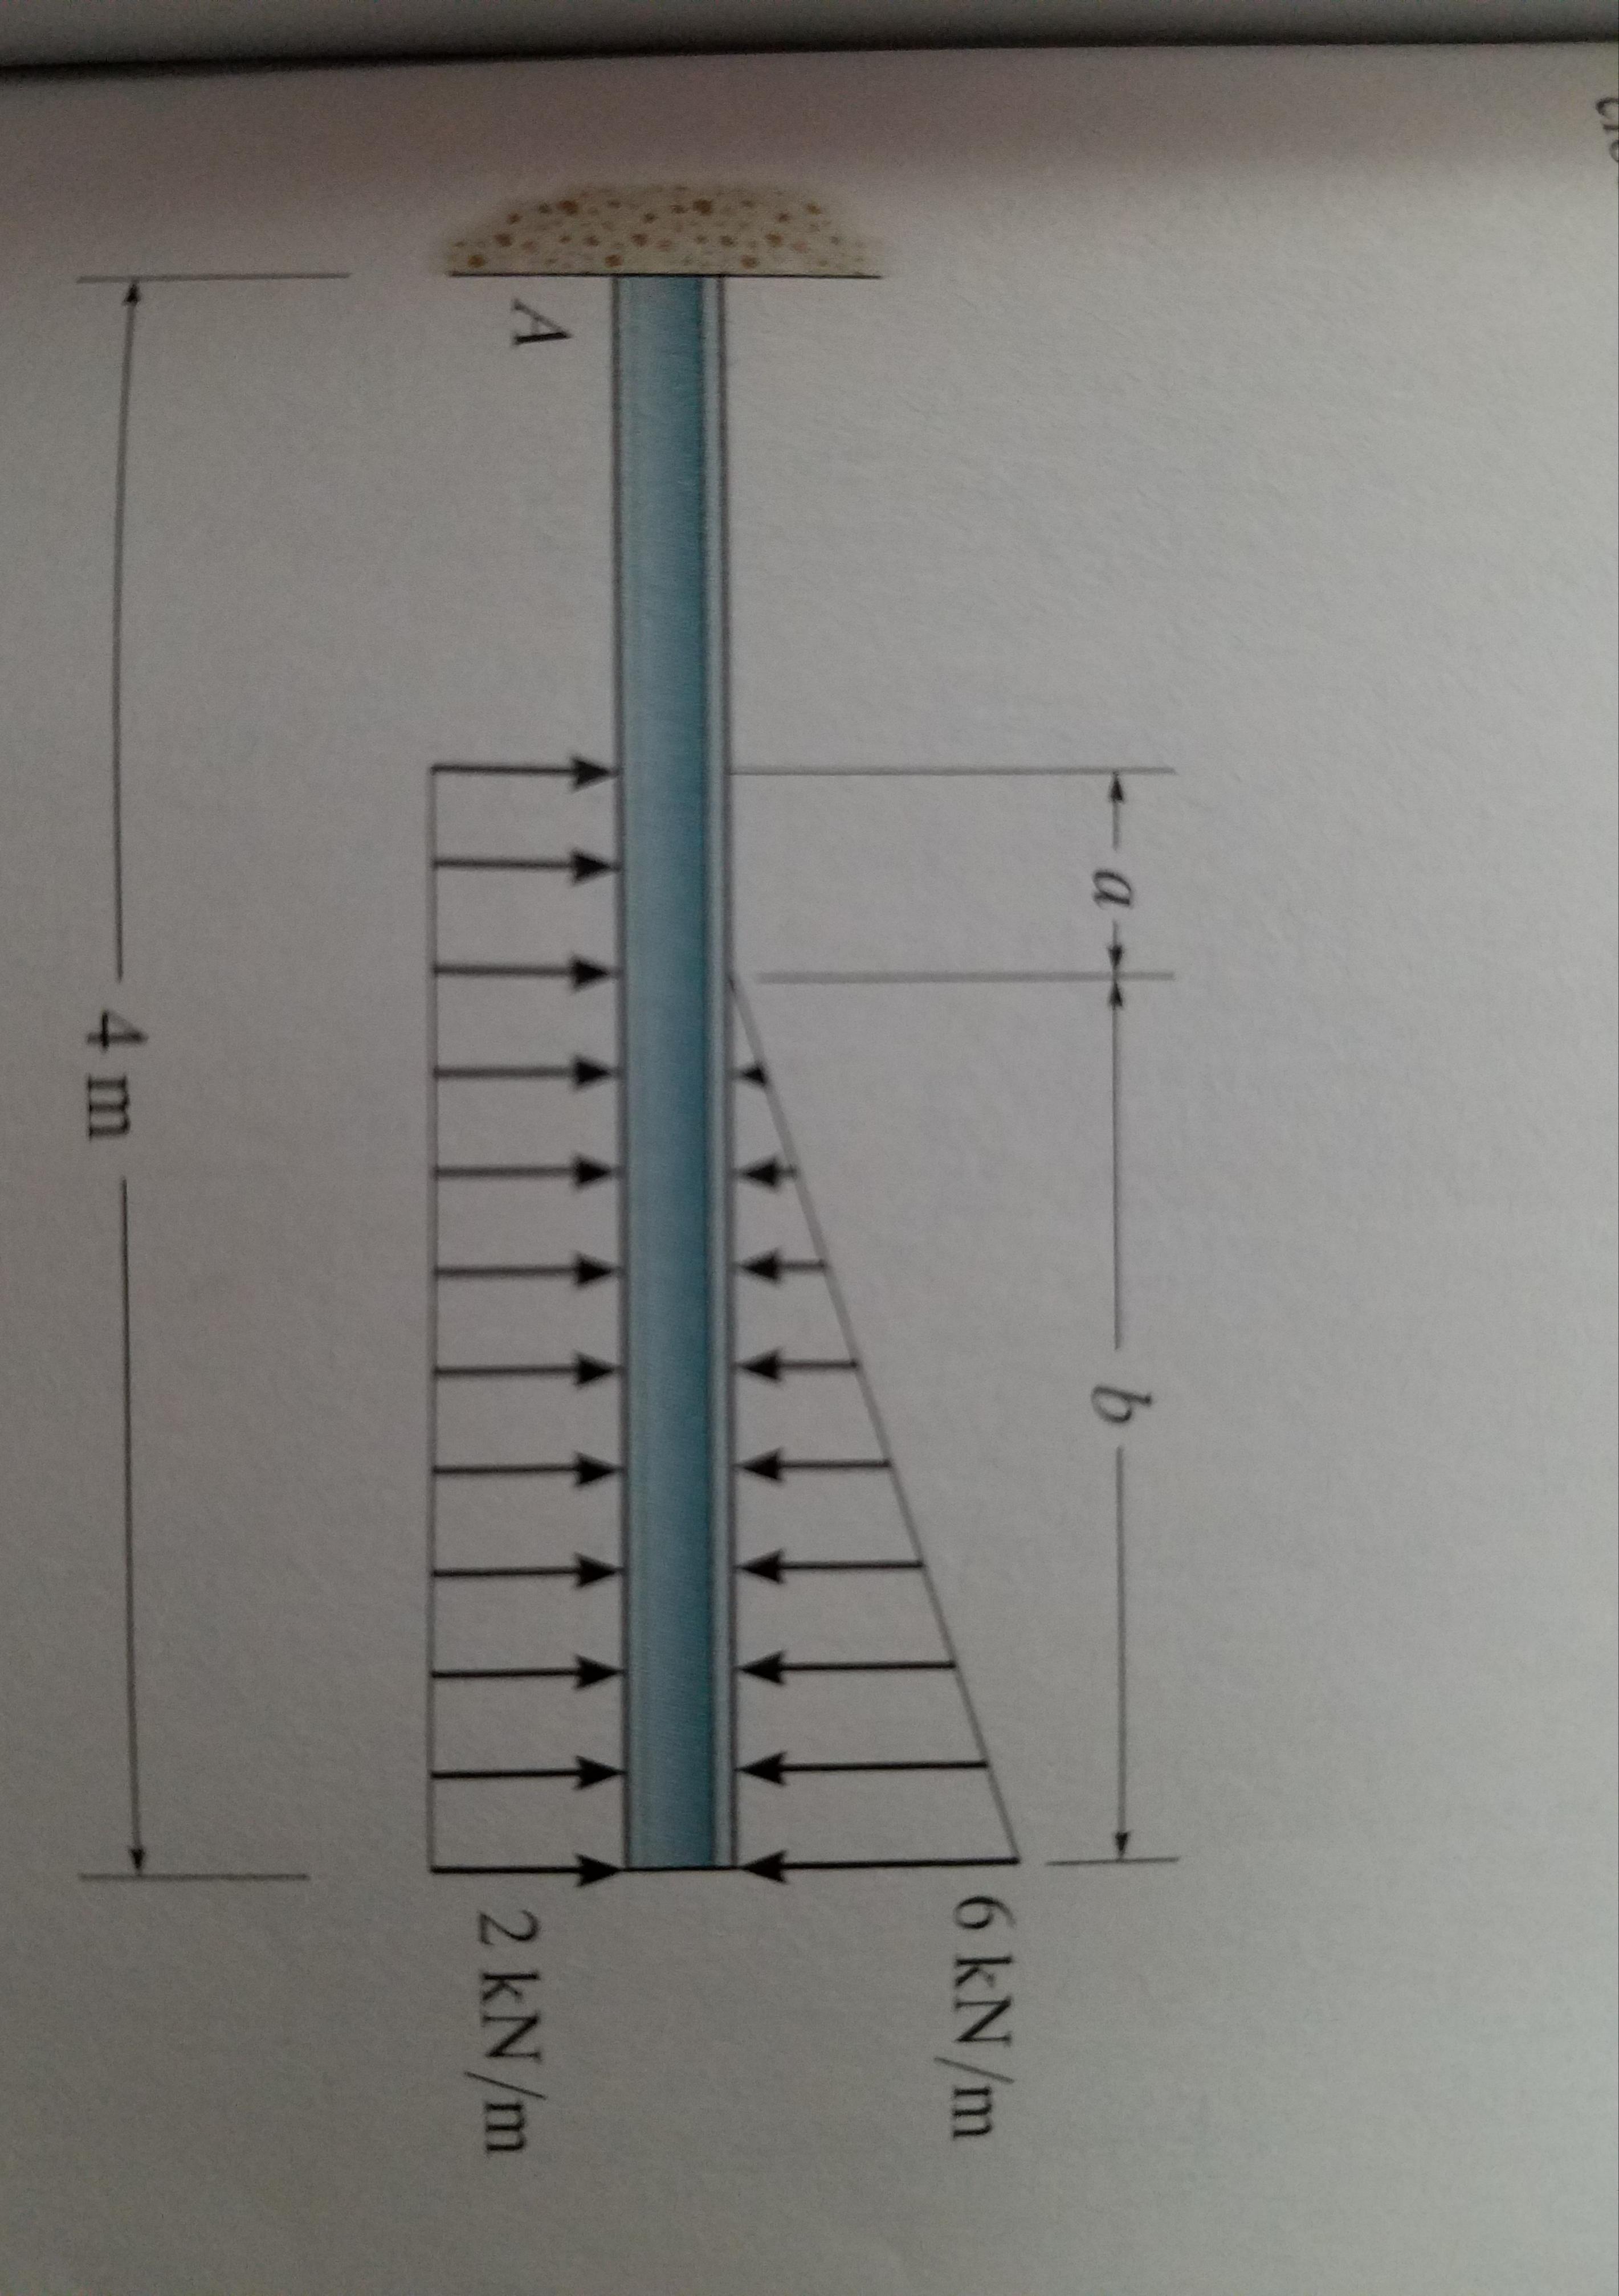 b- Ta+ 6 kN/m A 2 kN/m - 4m -